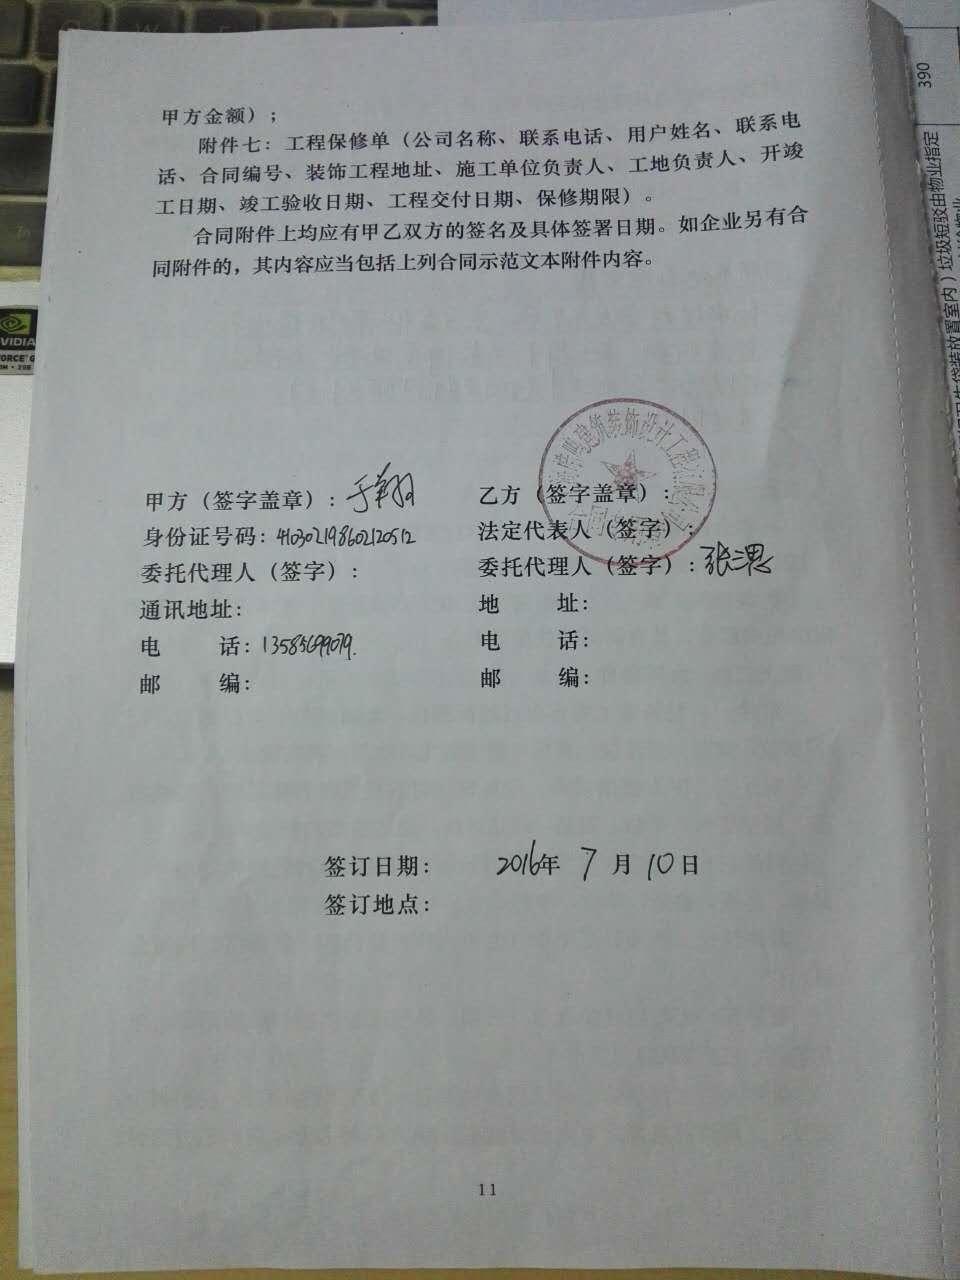 投诉内容:本人于2016年7月10日与上海晧鸣建筑装饰设计工程有限公司(以下简称晧鸣)签订装修全包合同协议,并且本合同为闭口合同。合同工程期为2016年8月1日至2016年10月1日,工期共60天。1. 签订合同前,晧鸣从始至终并未进行量房,整个预算是通过本小区类似房型制作的预算单,所以导致最终支付的款项已经超出原合同金额数量较多。